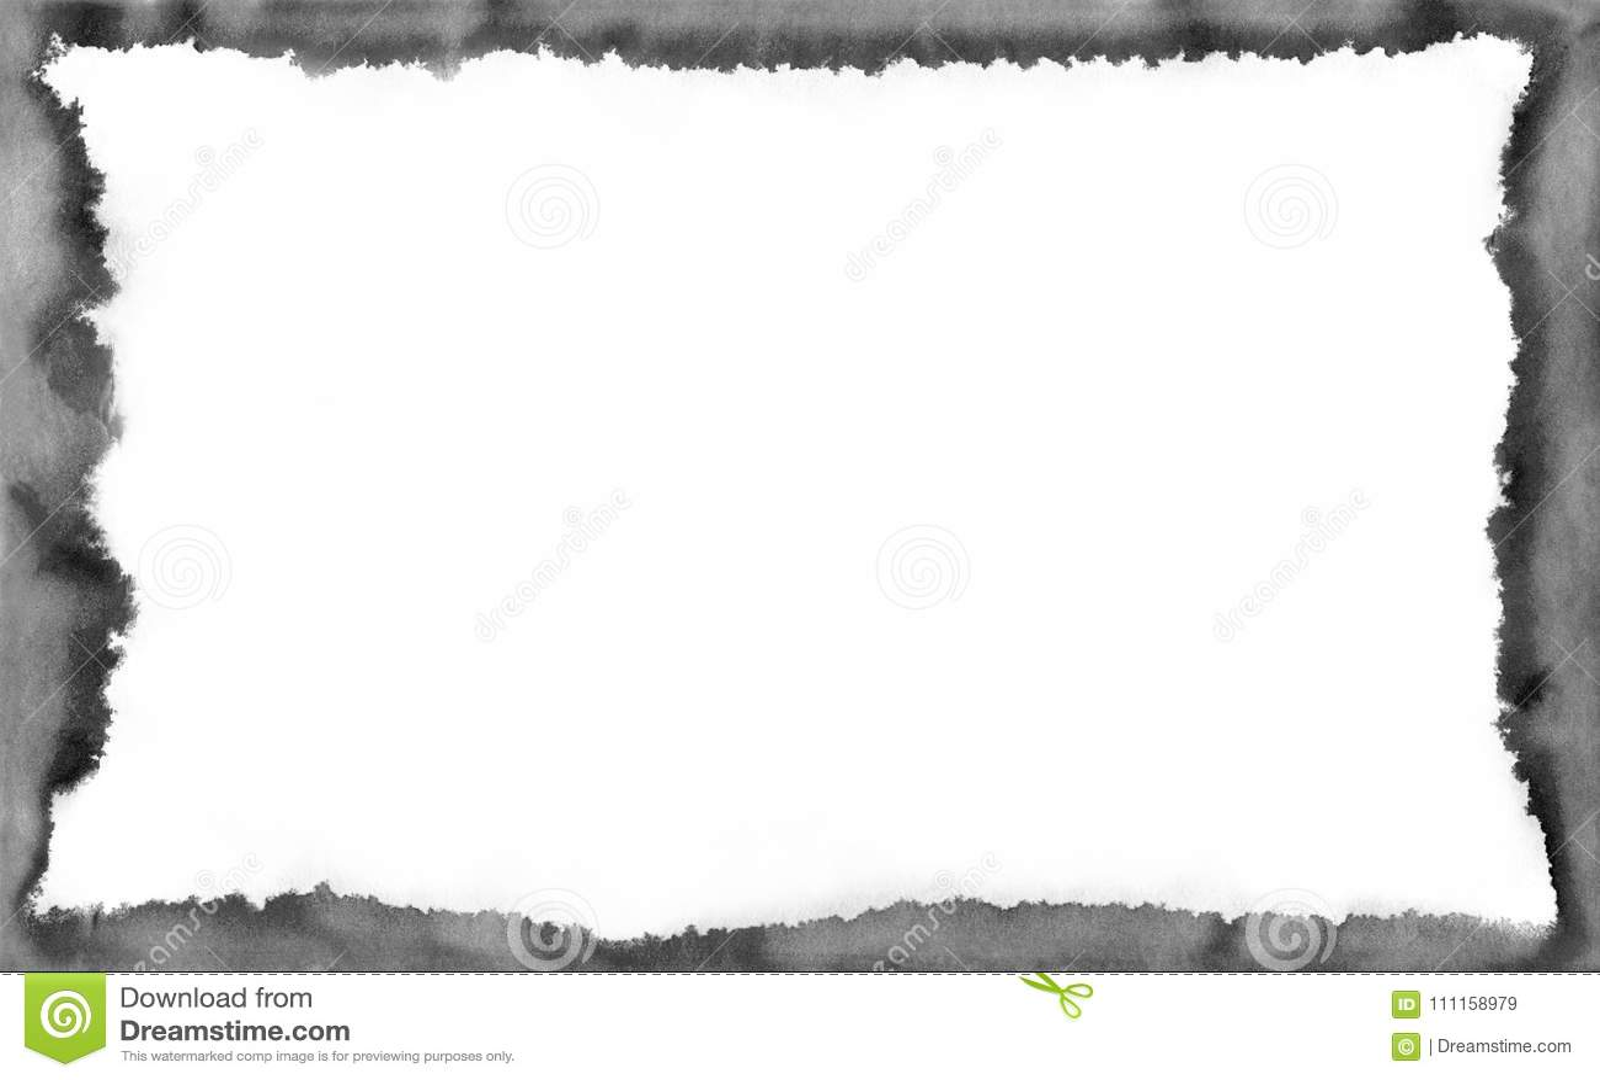 fond abstrait pour votre texte ou photo cadre chimique noir et blanc